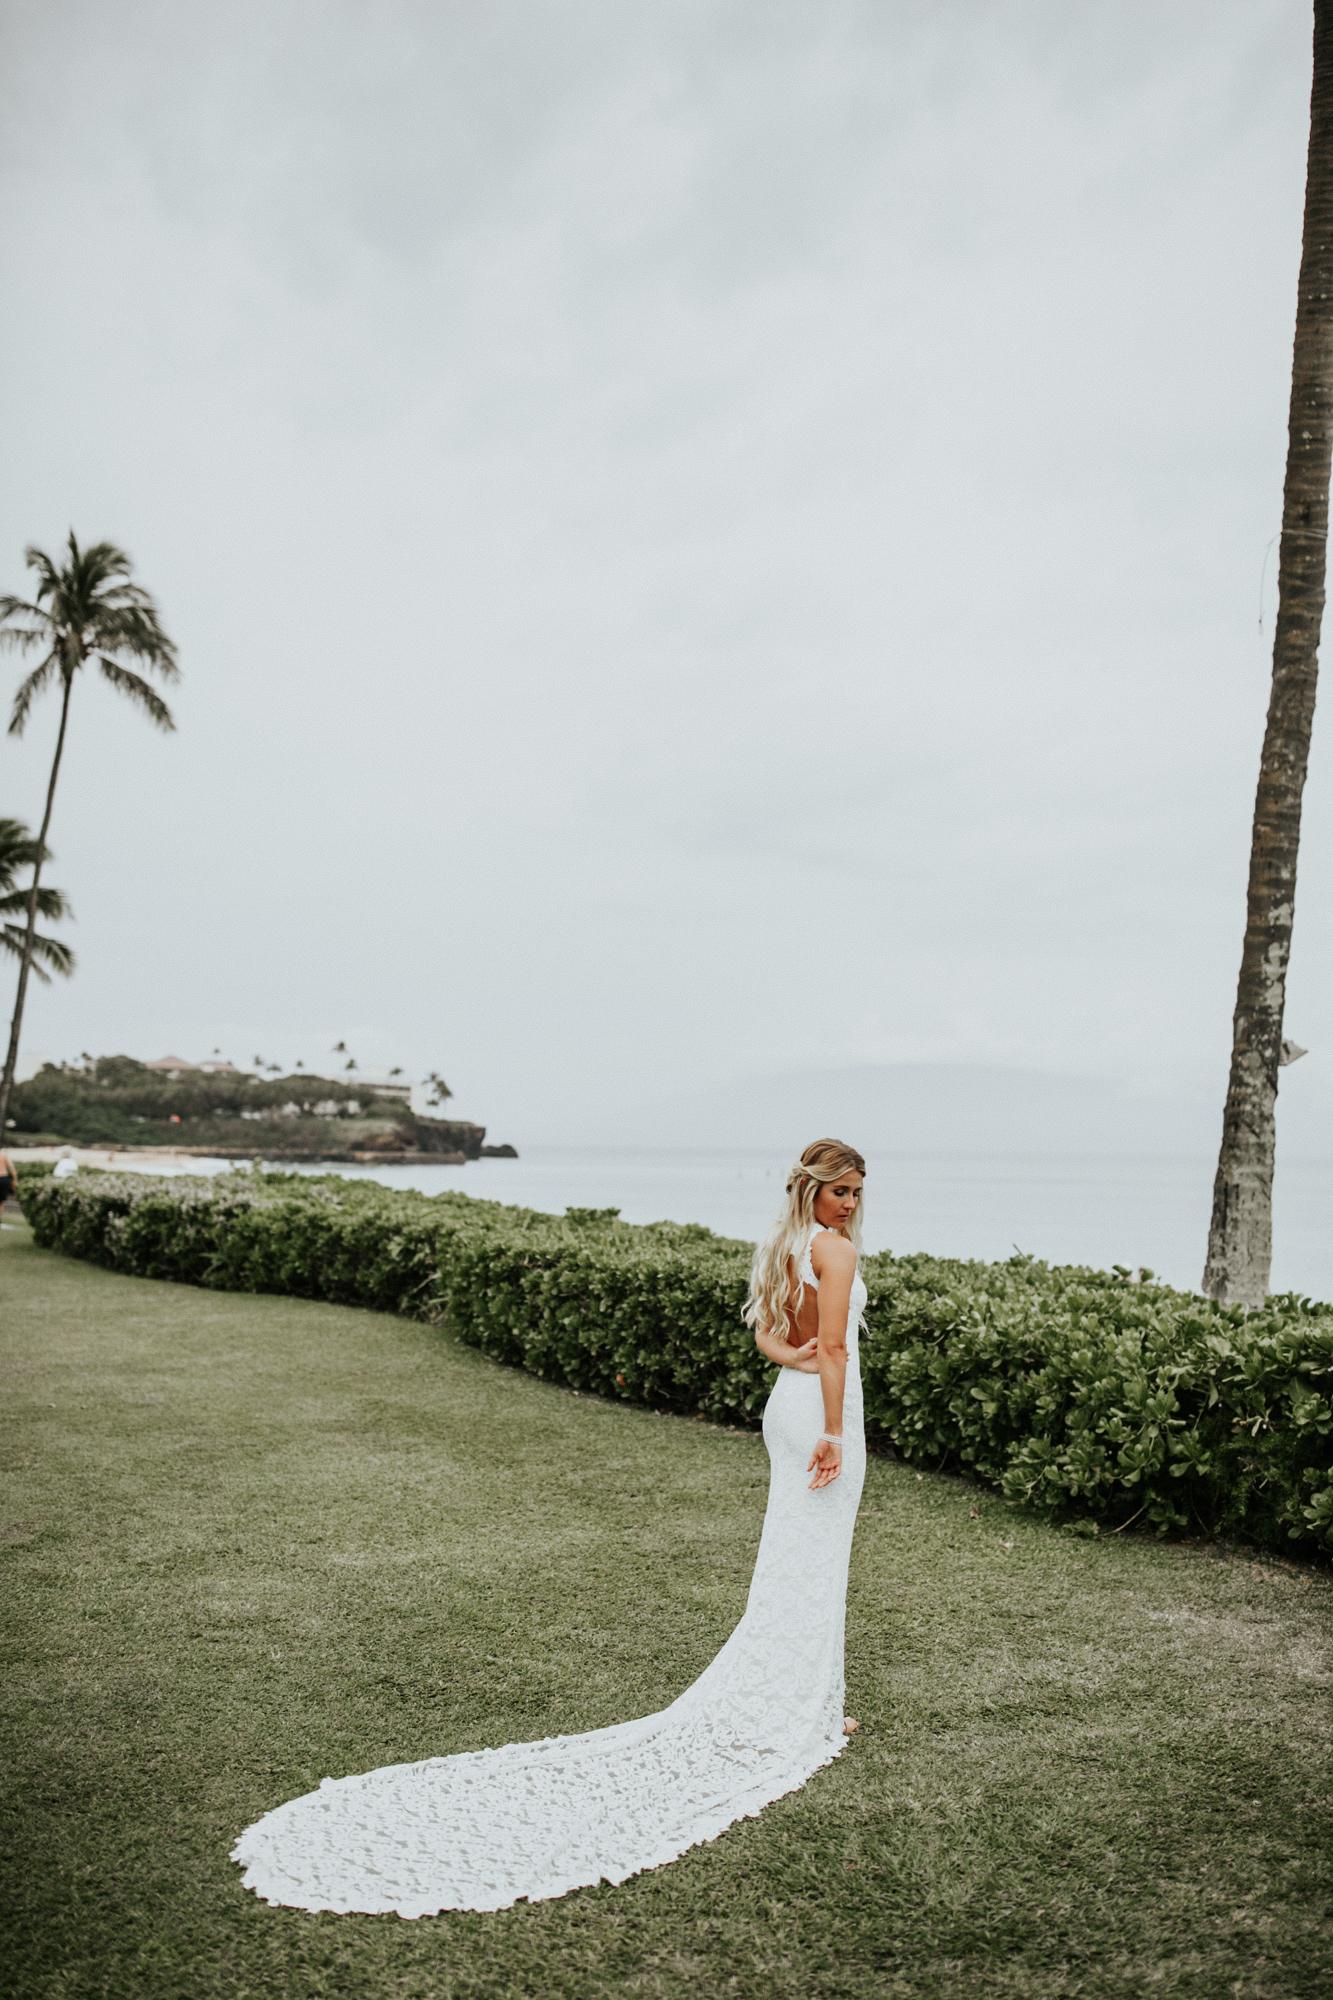 destination-wedding-photographer-hawaii-maui-elopement-38.jpg